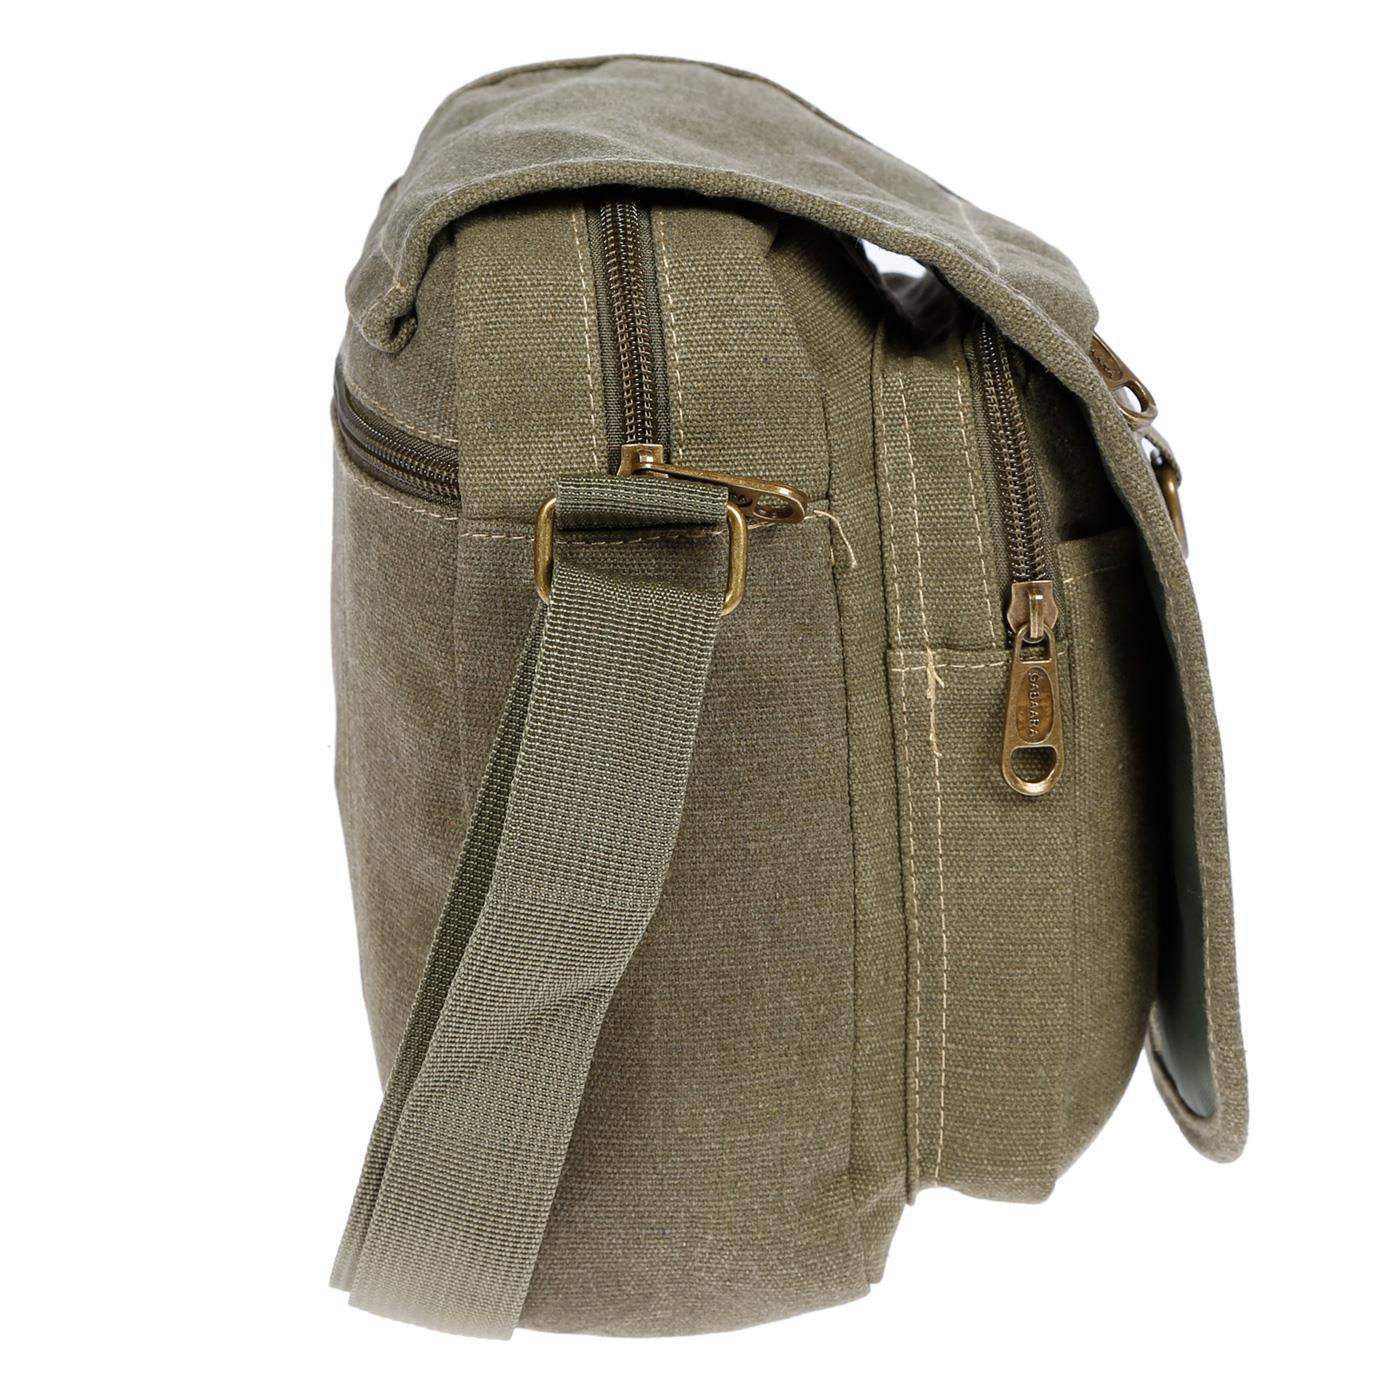 Damen-Herren-Tasche-Canvas-Umhaengetasche-Schultertasche-Crossover-Bag-Handtasche Indexbild 38